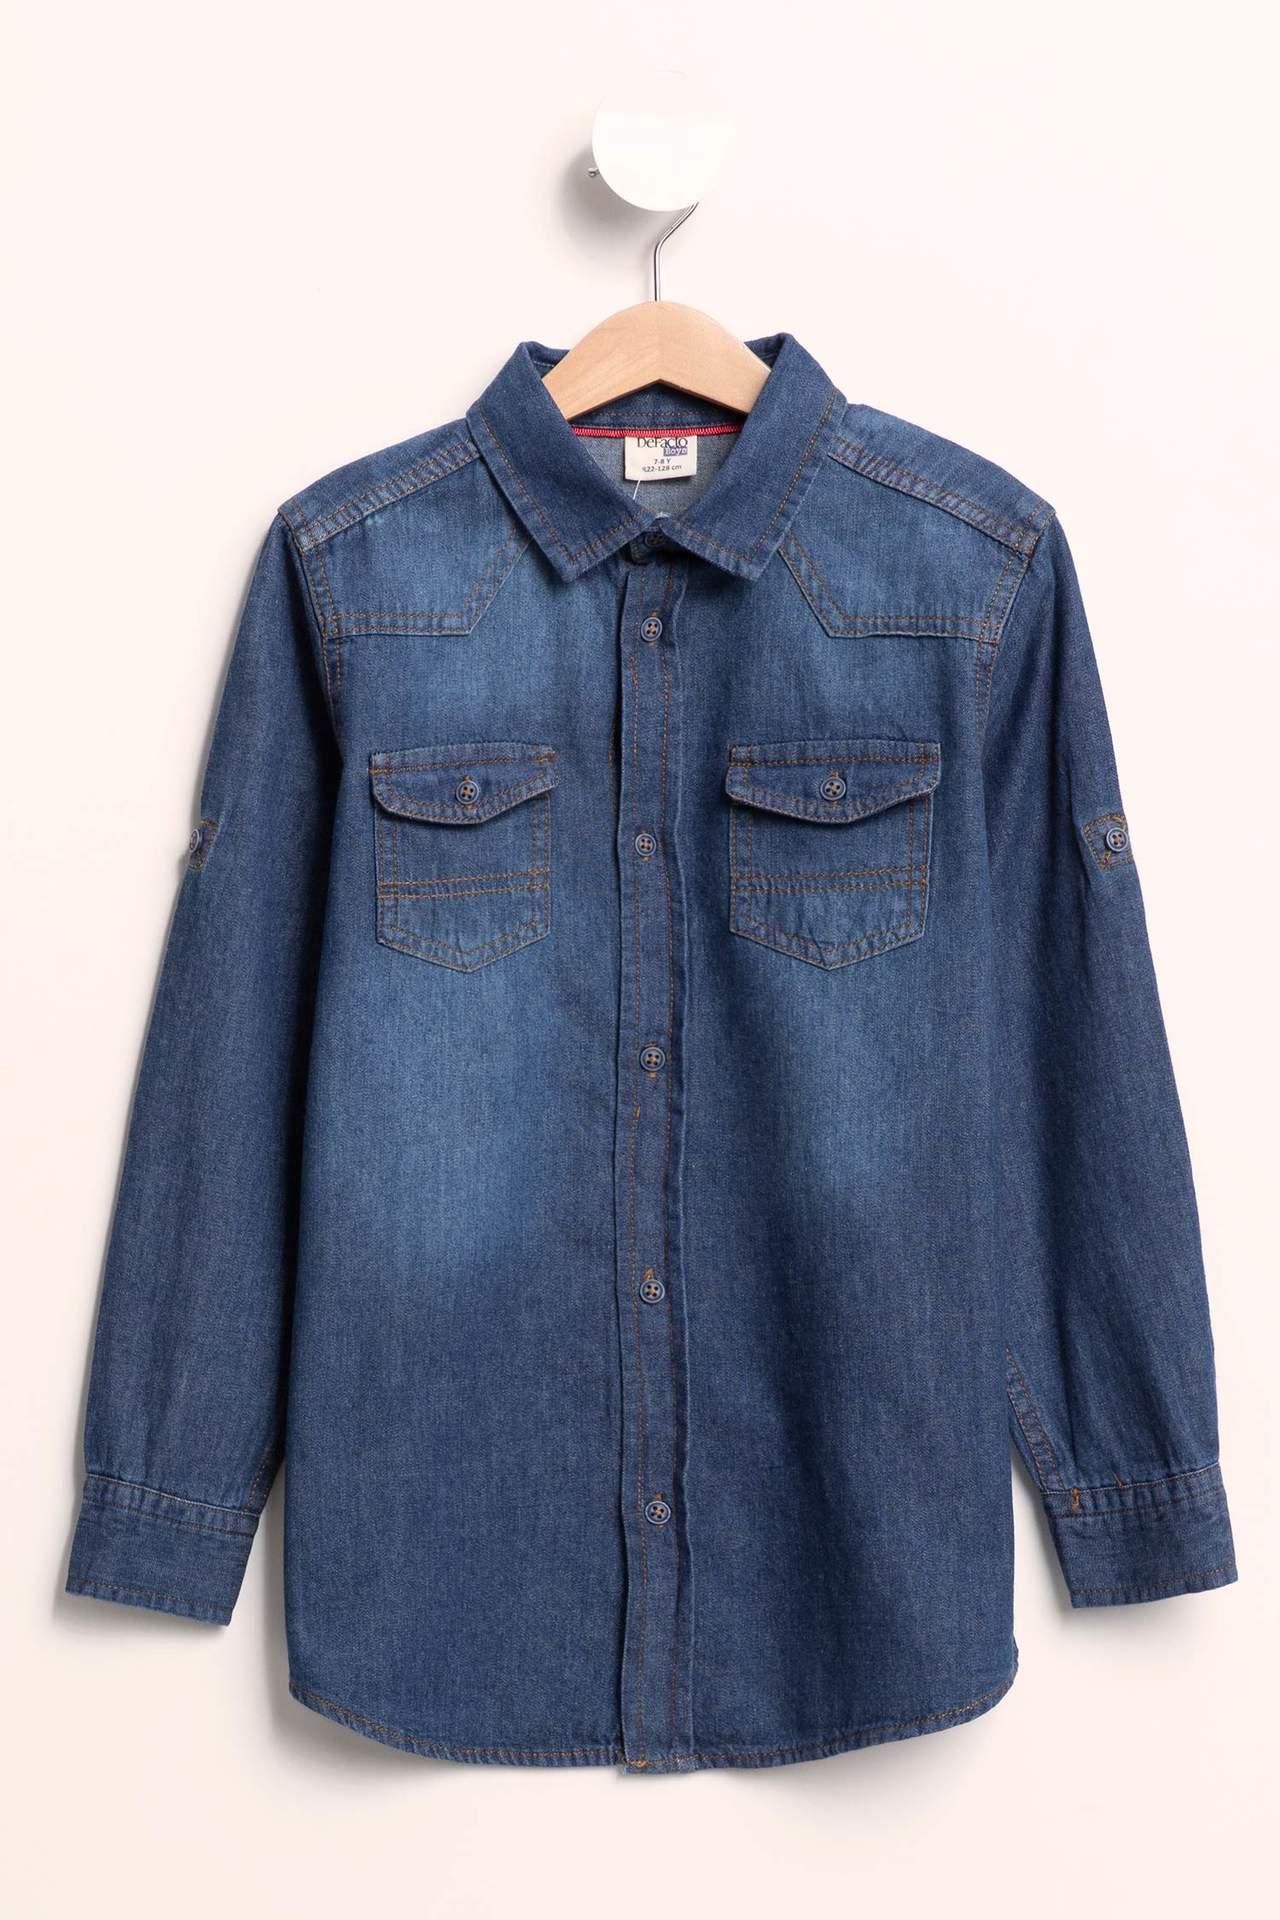 DeFacto Erkek Çocuk Katlanabilir Kollu Çift Cepli Jean Gömlek Mavi male